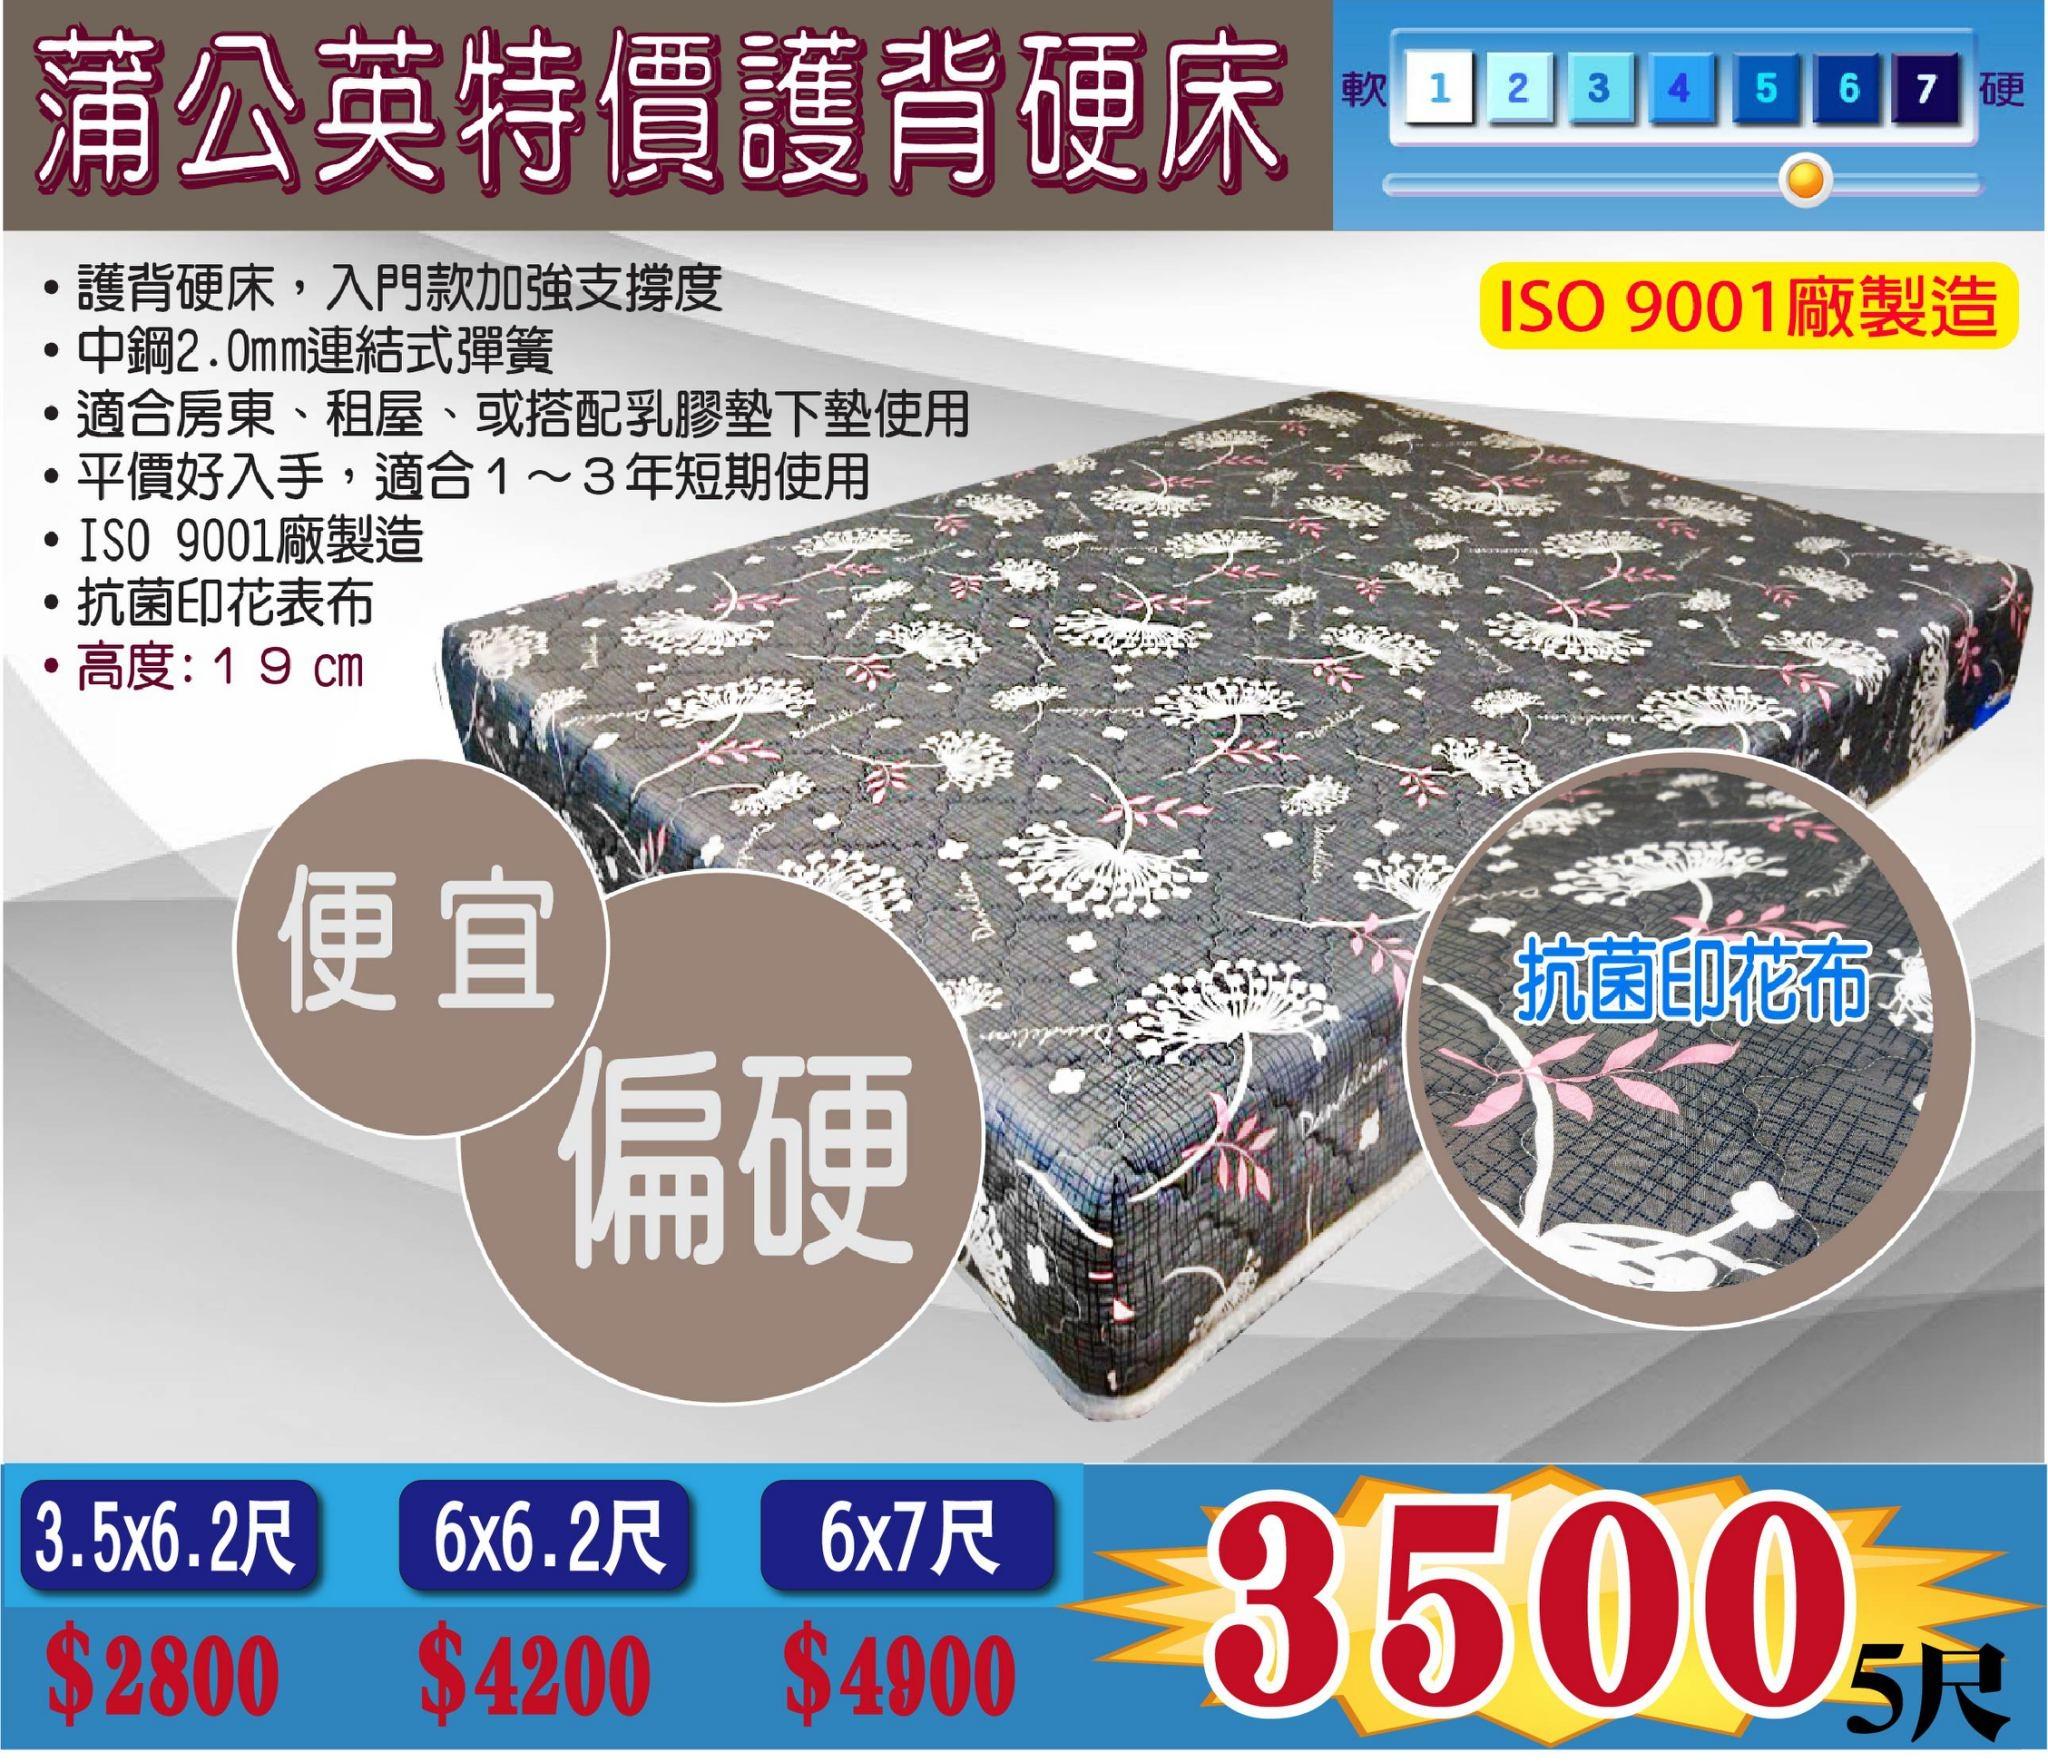 【超優惠】房東專用超便宜蒲公英護背硬床